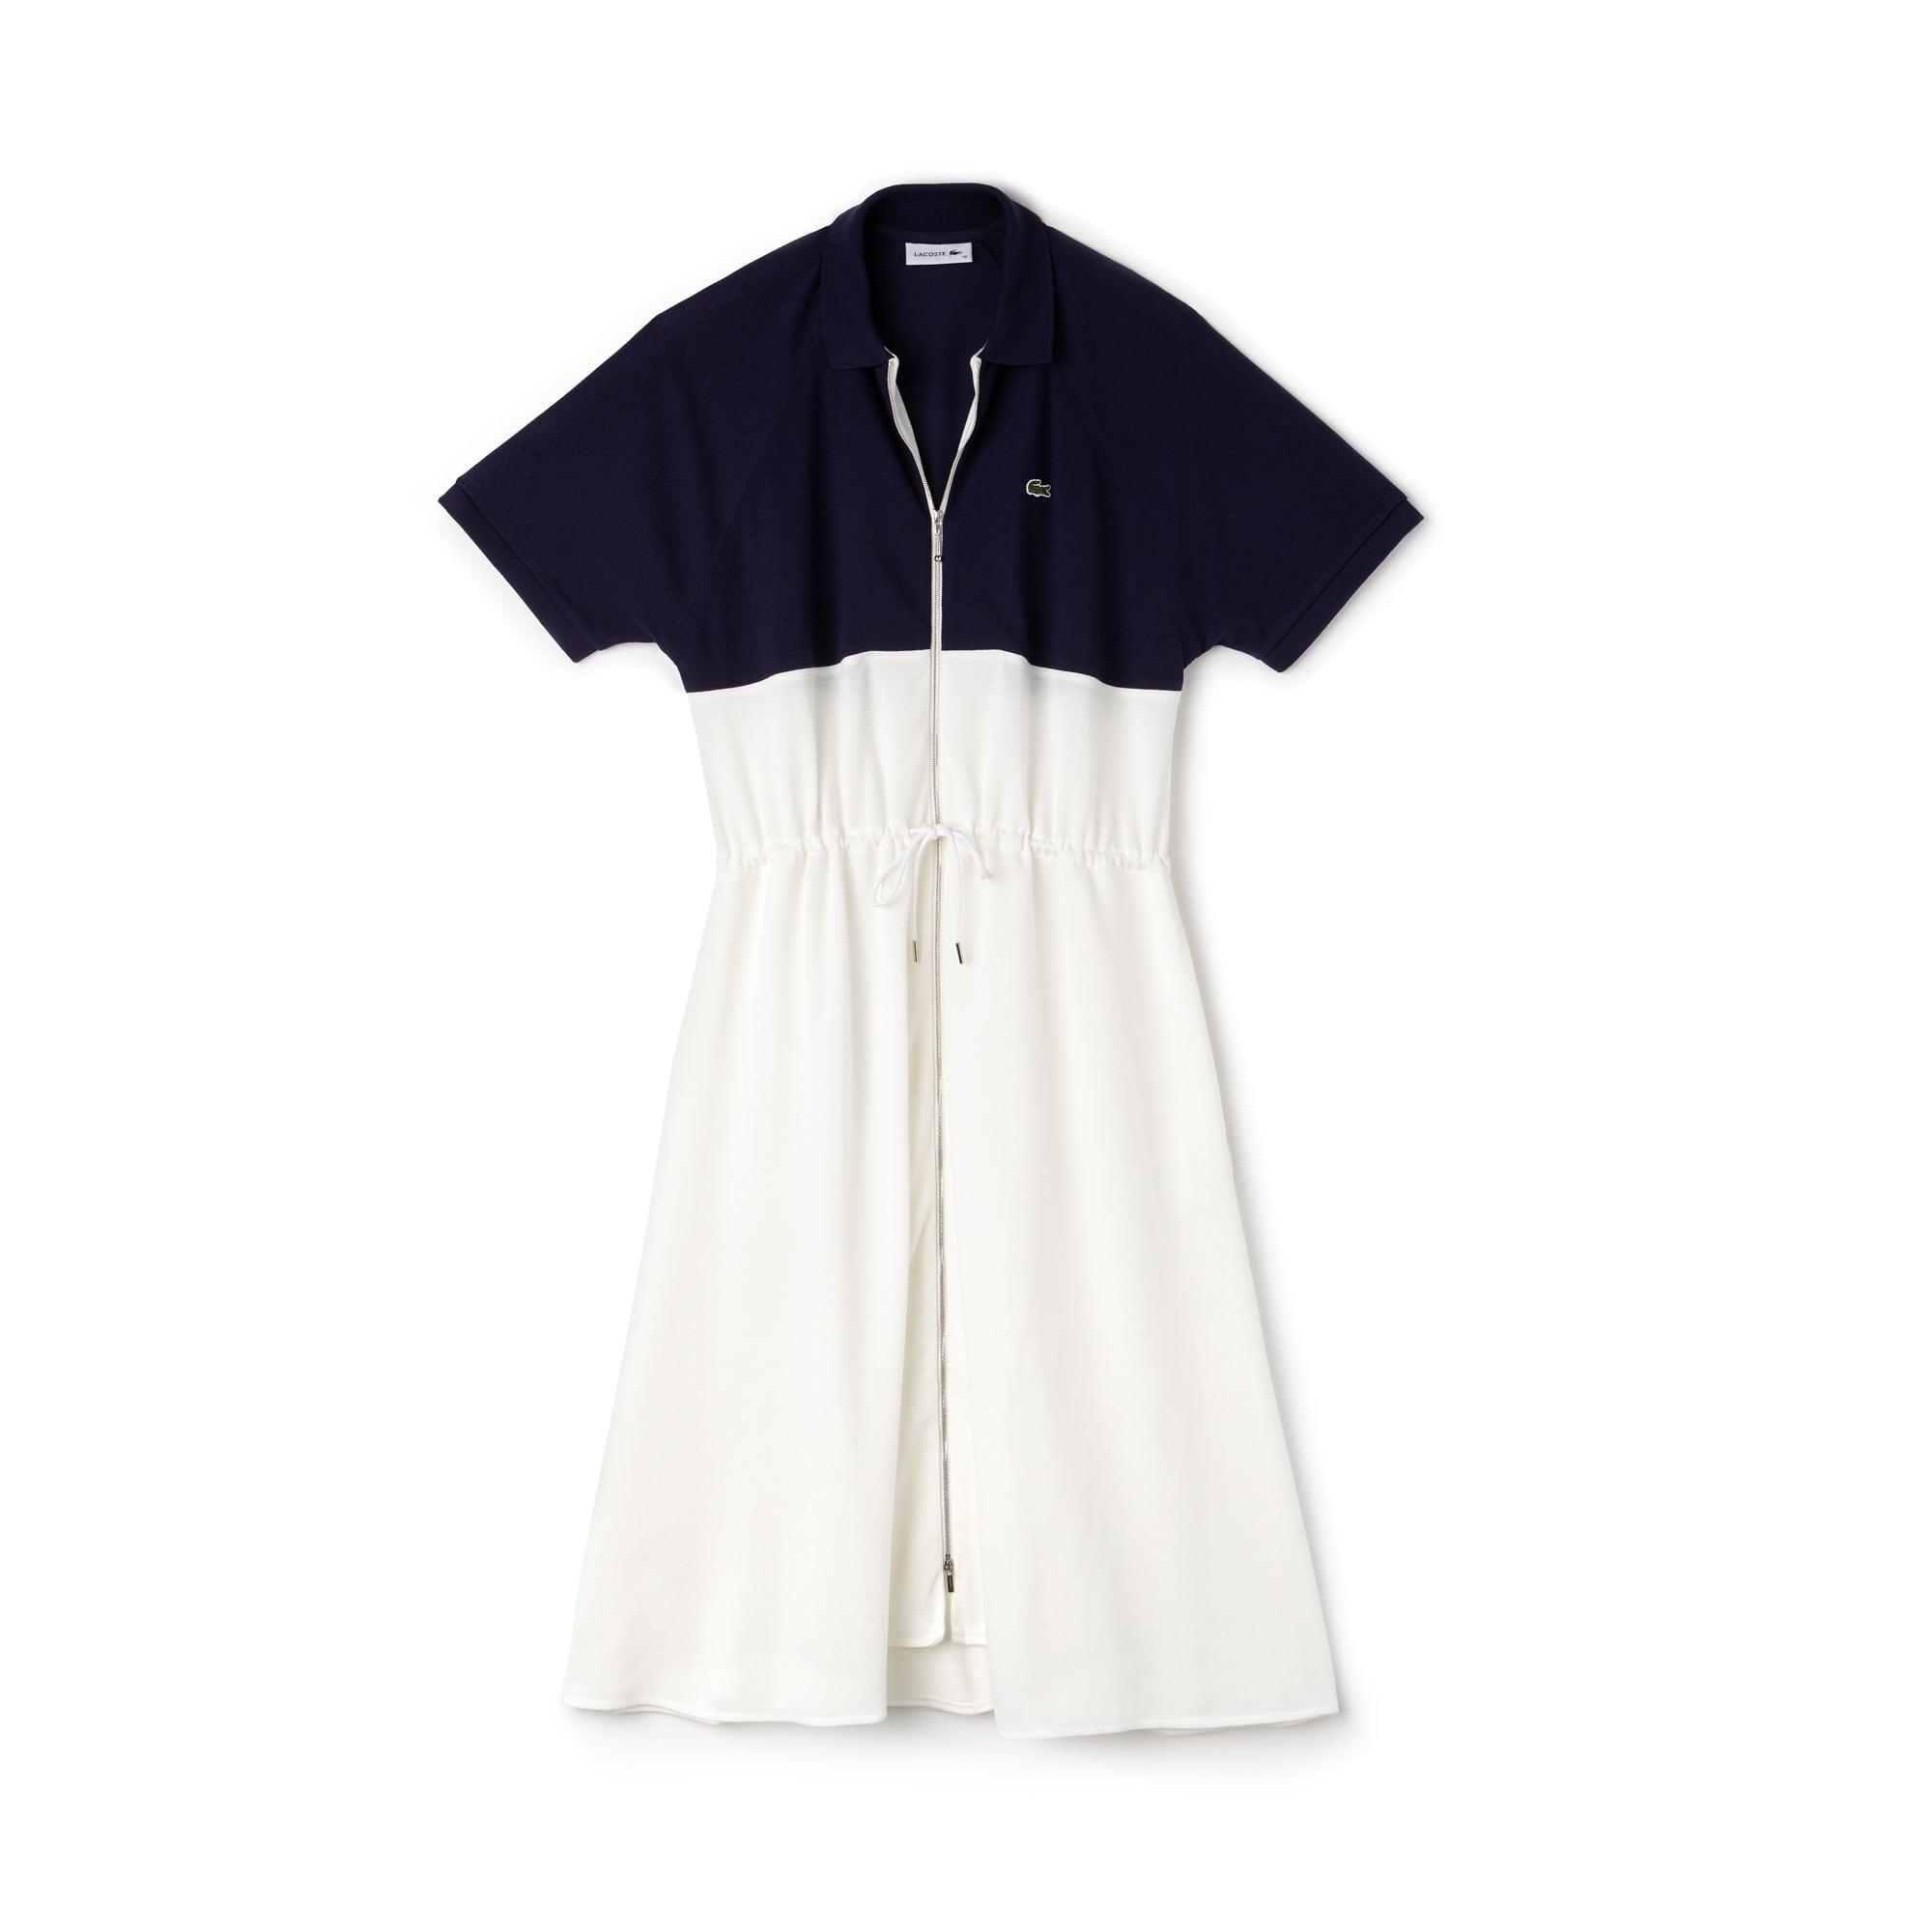 Vestido tipo polo Lacoste con cremallera en petit piqué de algodón color block